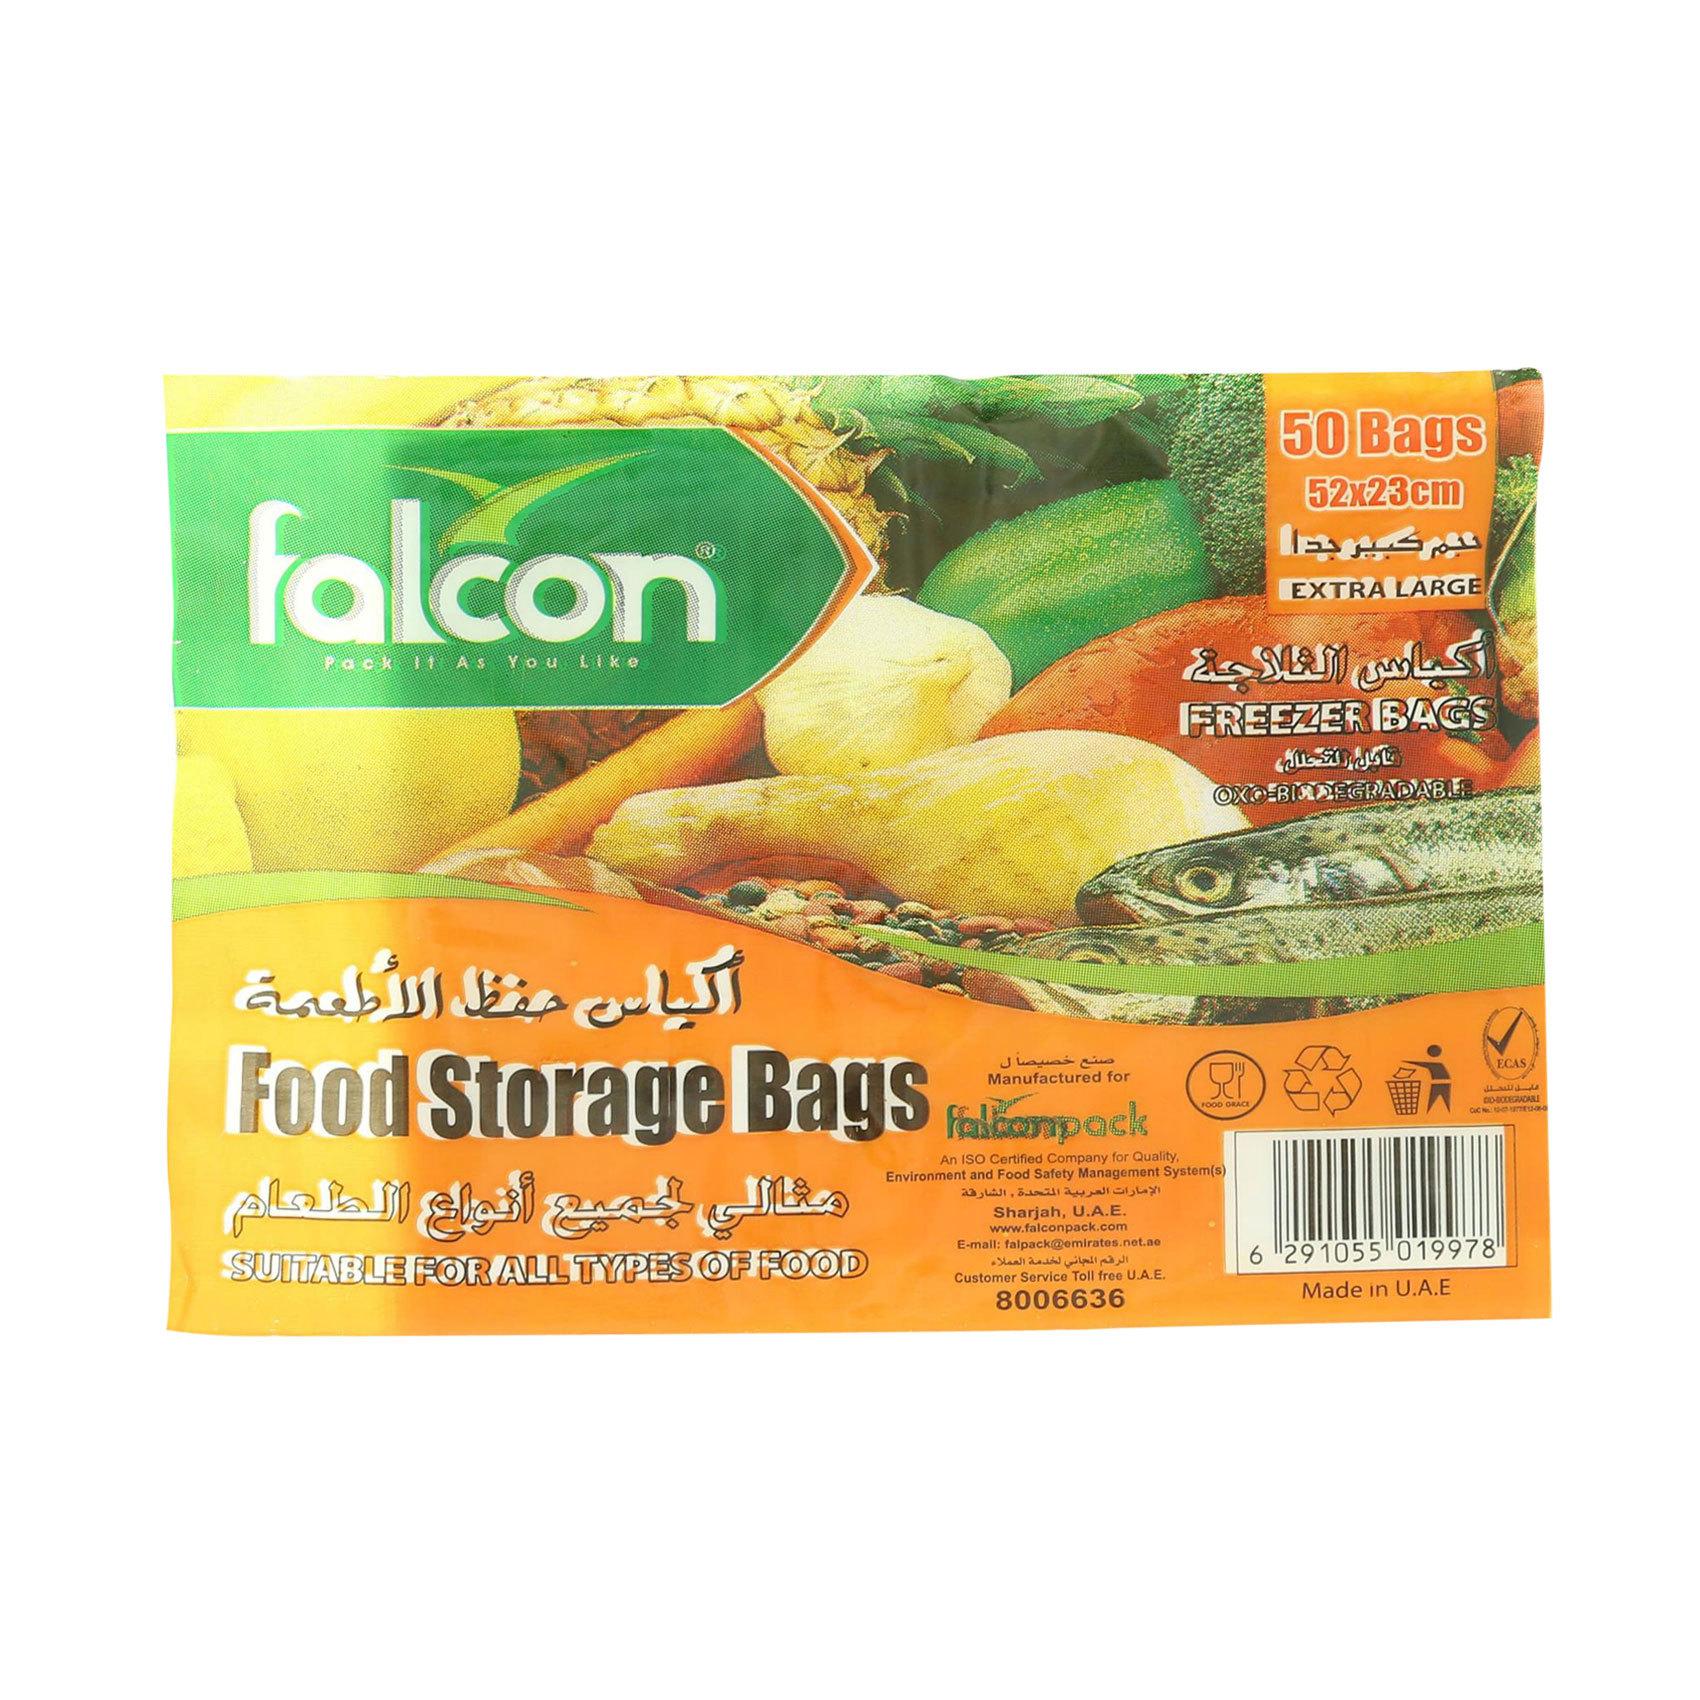 FALCON FOOD STORAGE BAGS 52X23CMXL